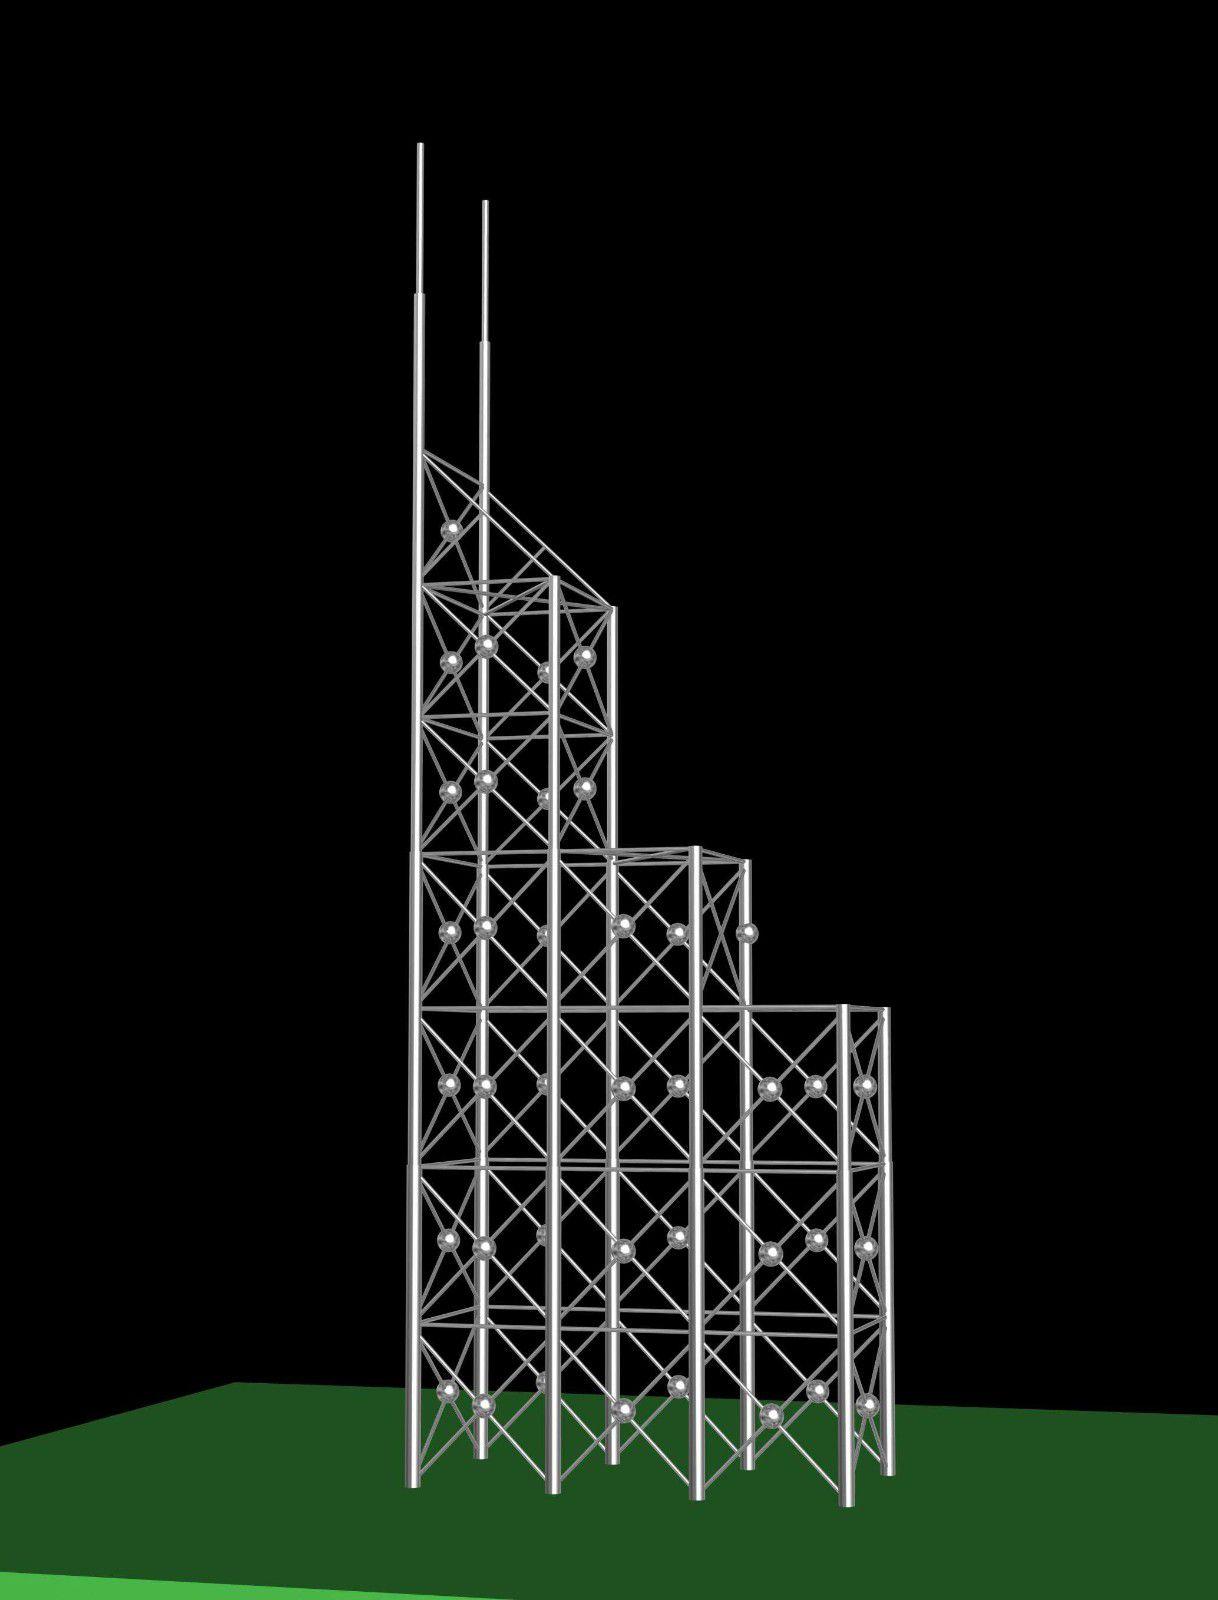 羅湖獨立式避雷針效益凸顯